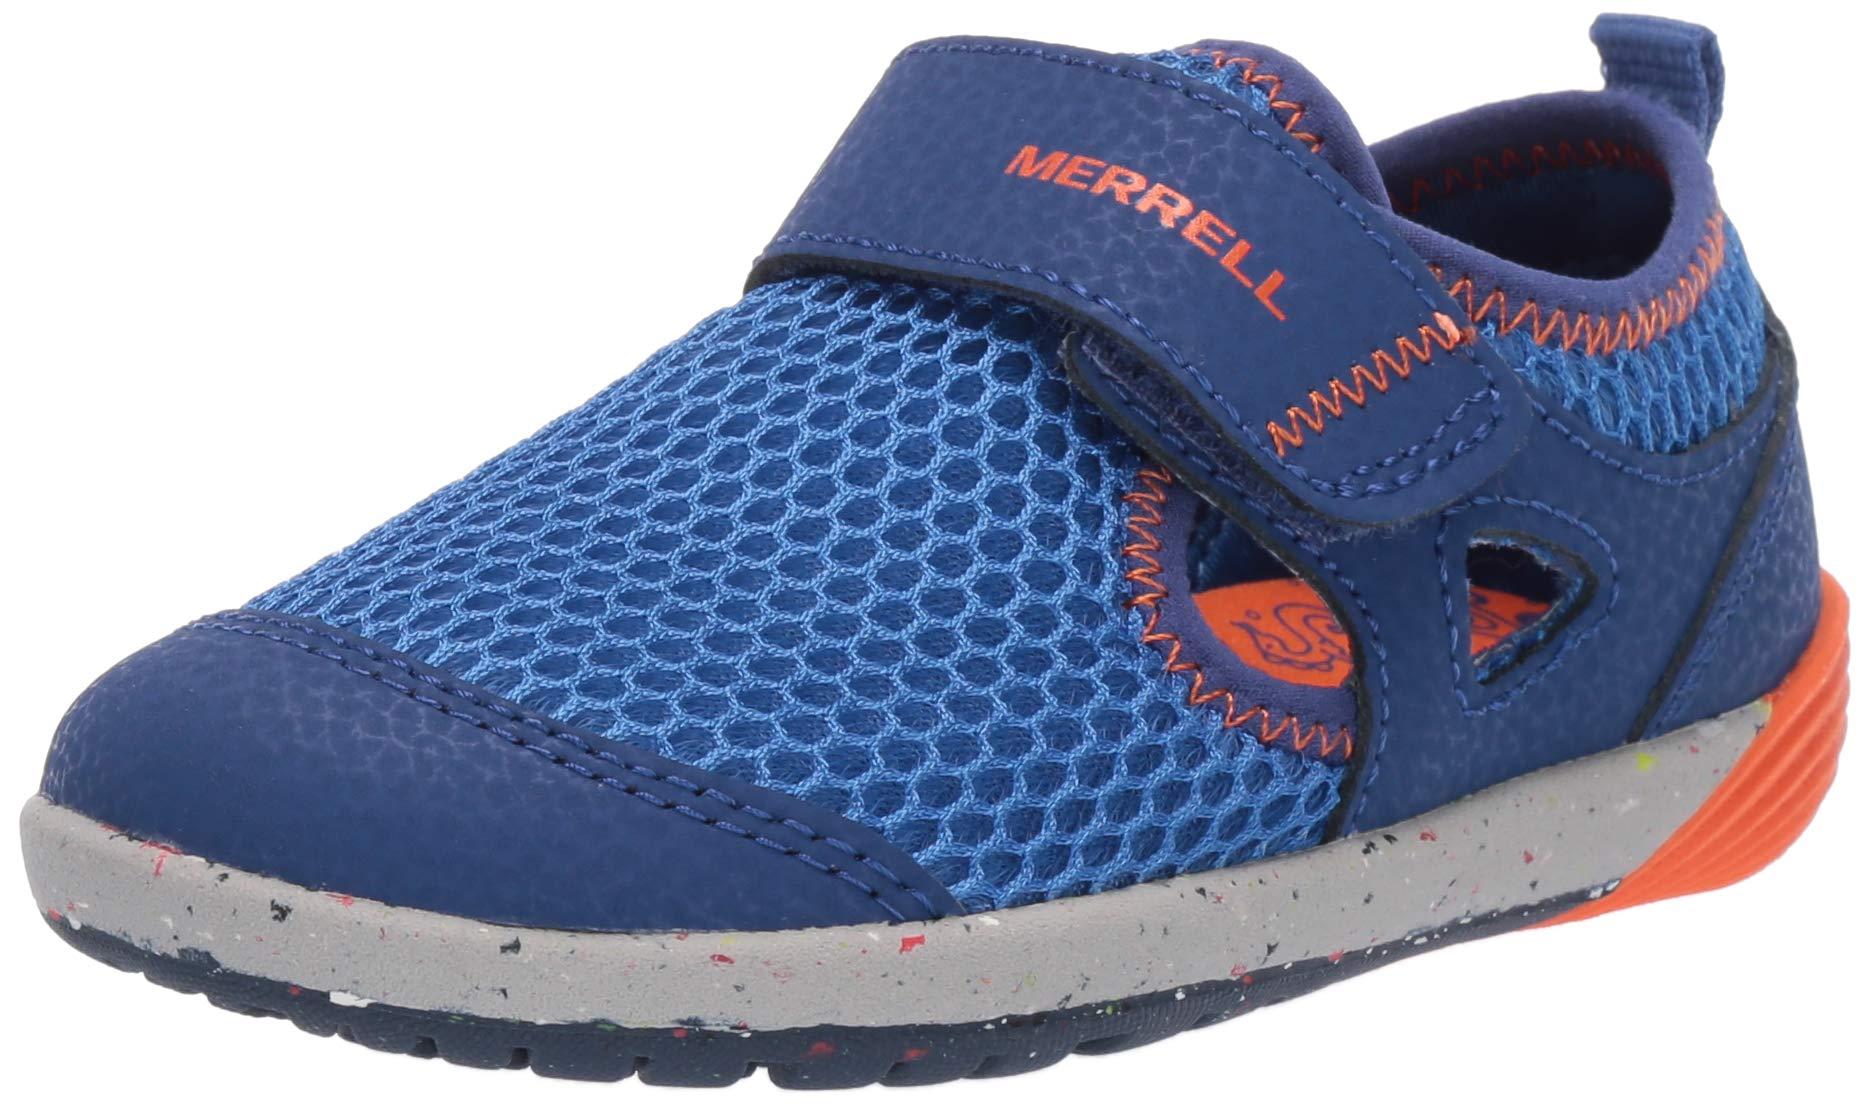 Merrell Boys' Bare Steps H20 Water Shoe, Blue/Orange, 5.5 Medium US Toddler